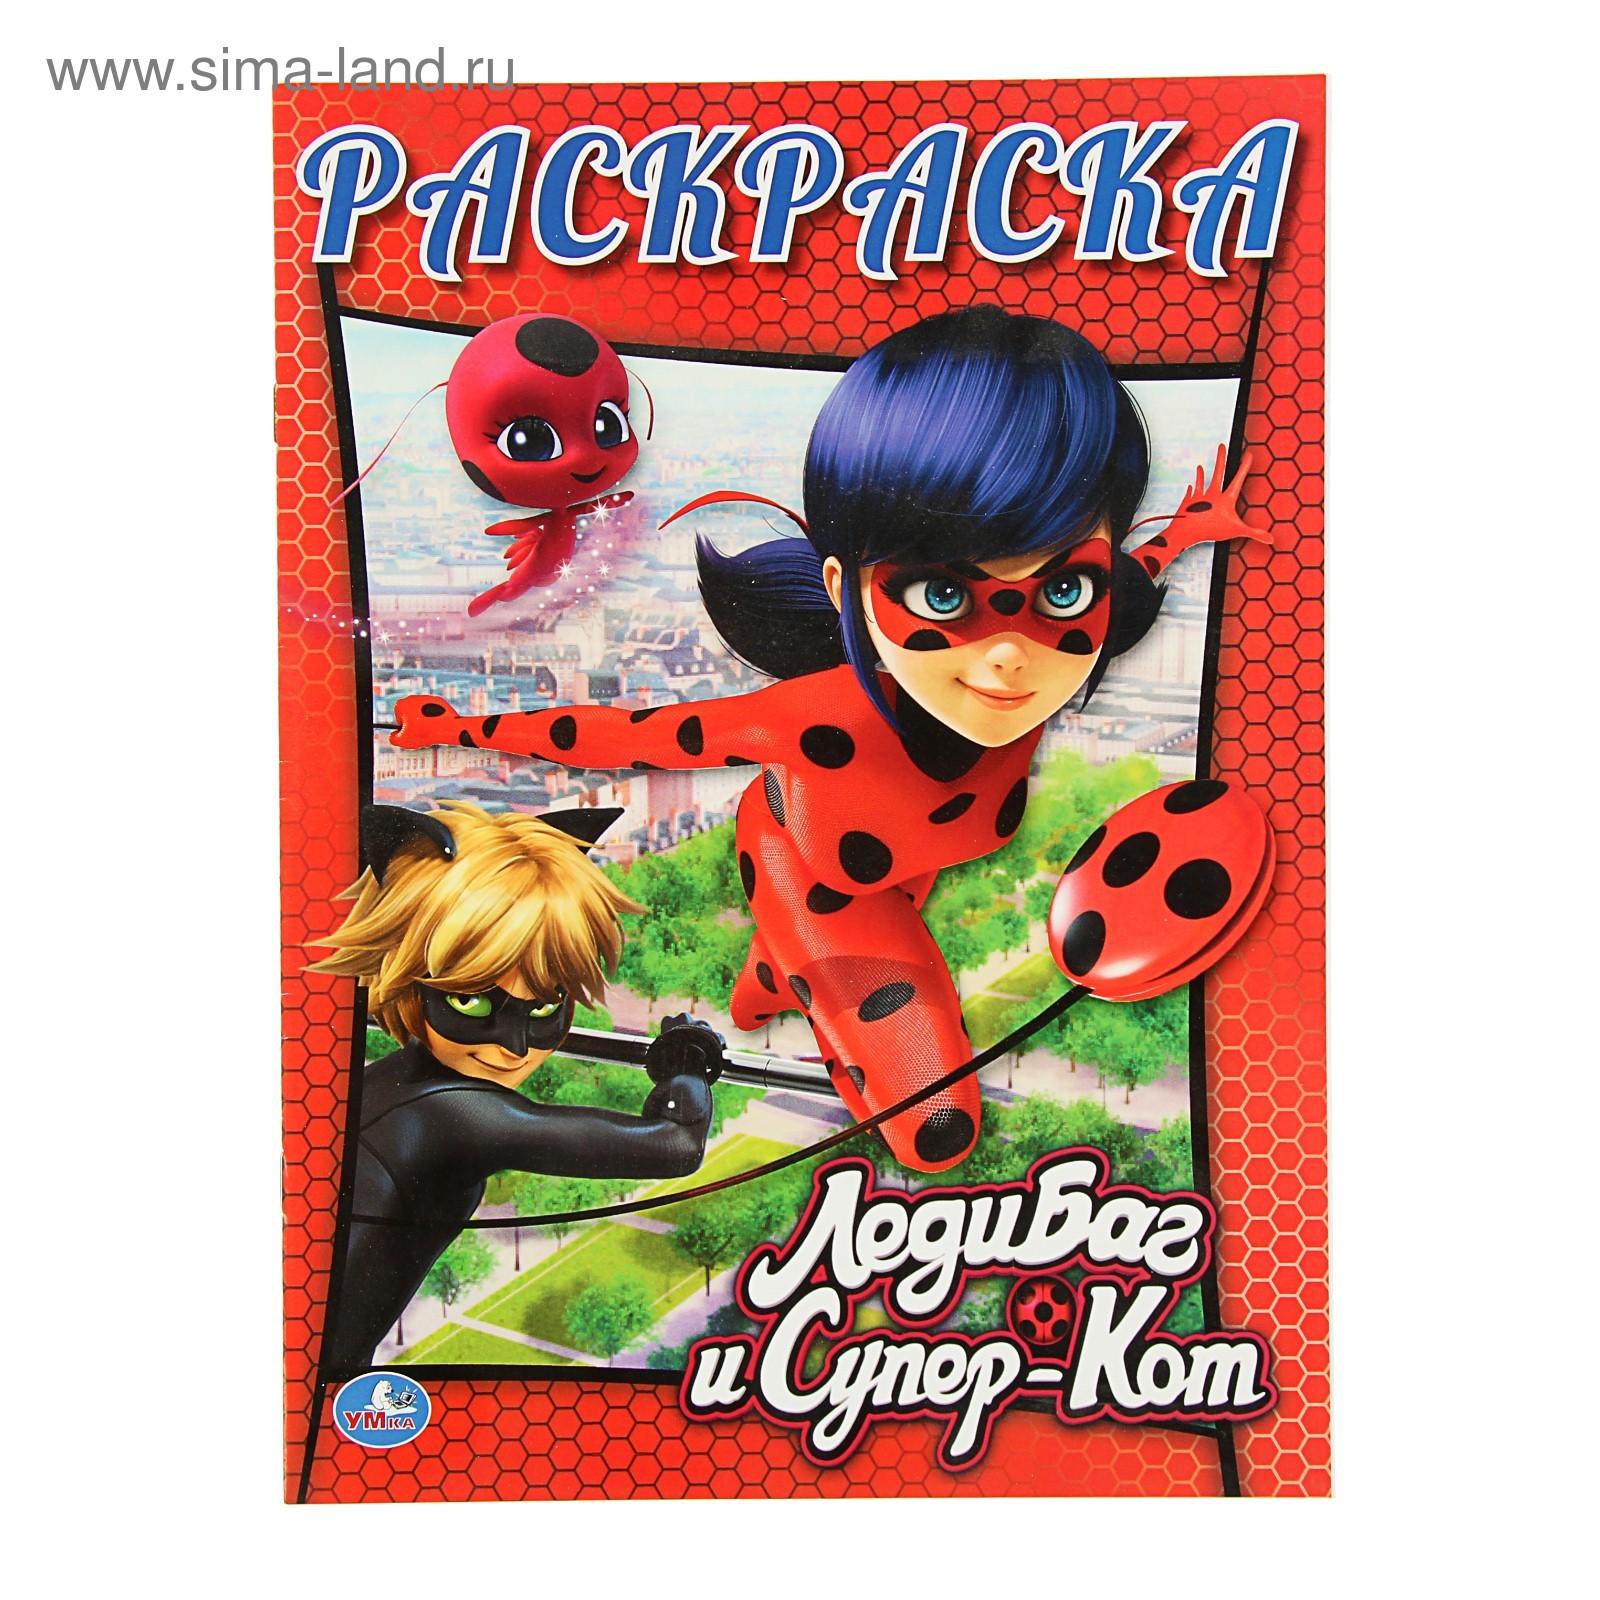 Раскраска «Леди Баг и Супер-Кот» (2979695) - Купить по ...